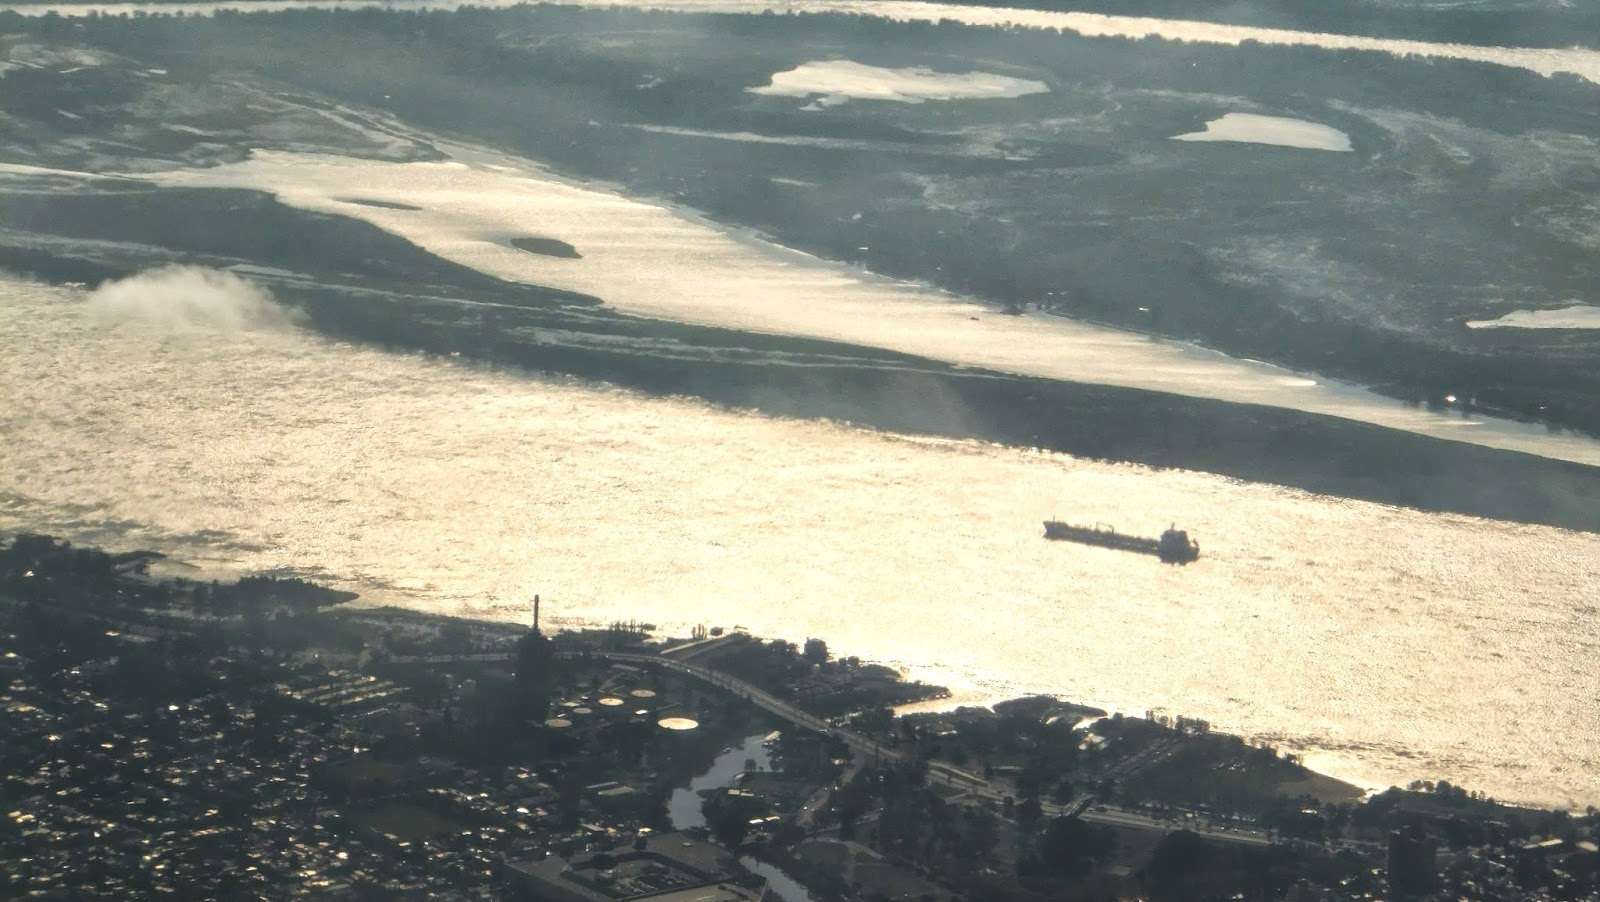 Vista aérea Puente Rosario-Victoria, Argentina, Elisa N, Blog de Viajes, Lifestyle, Travel